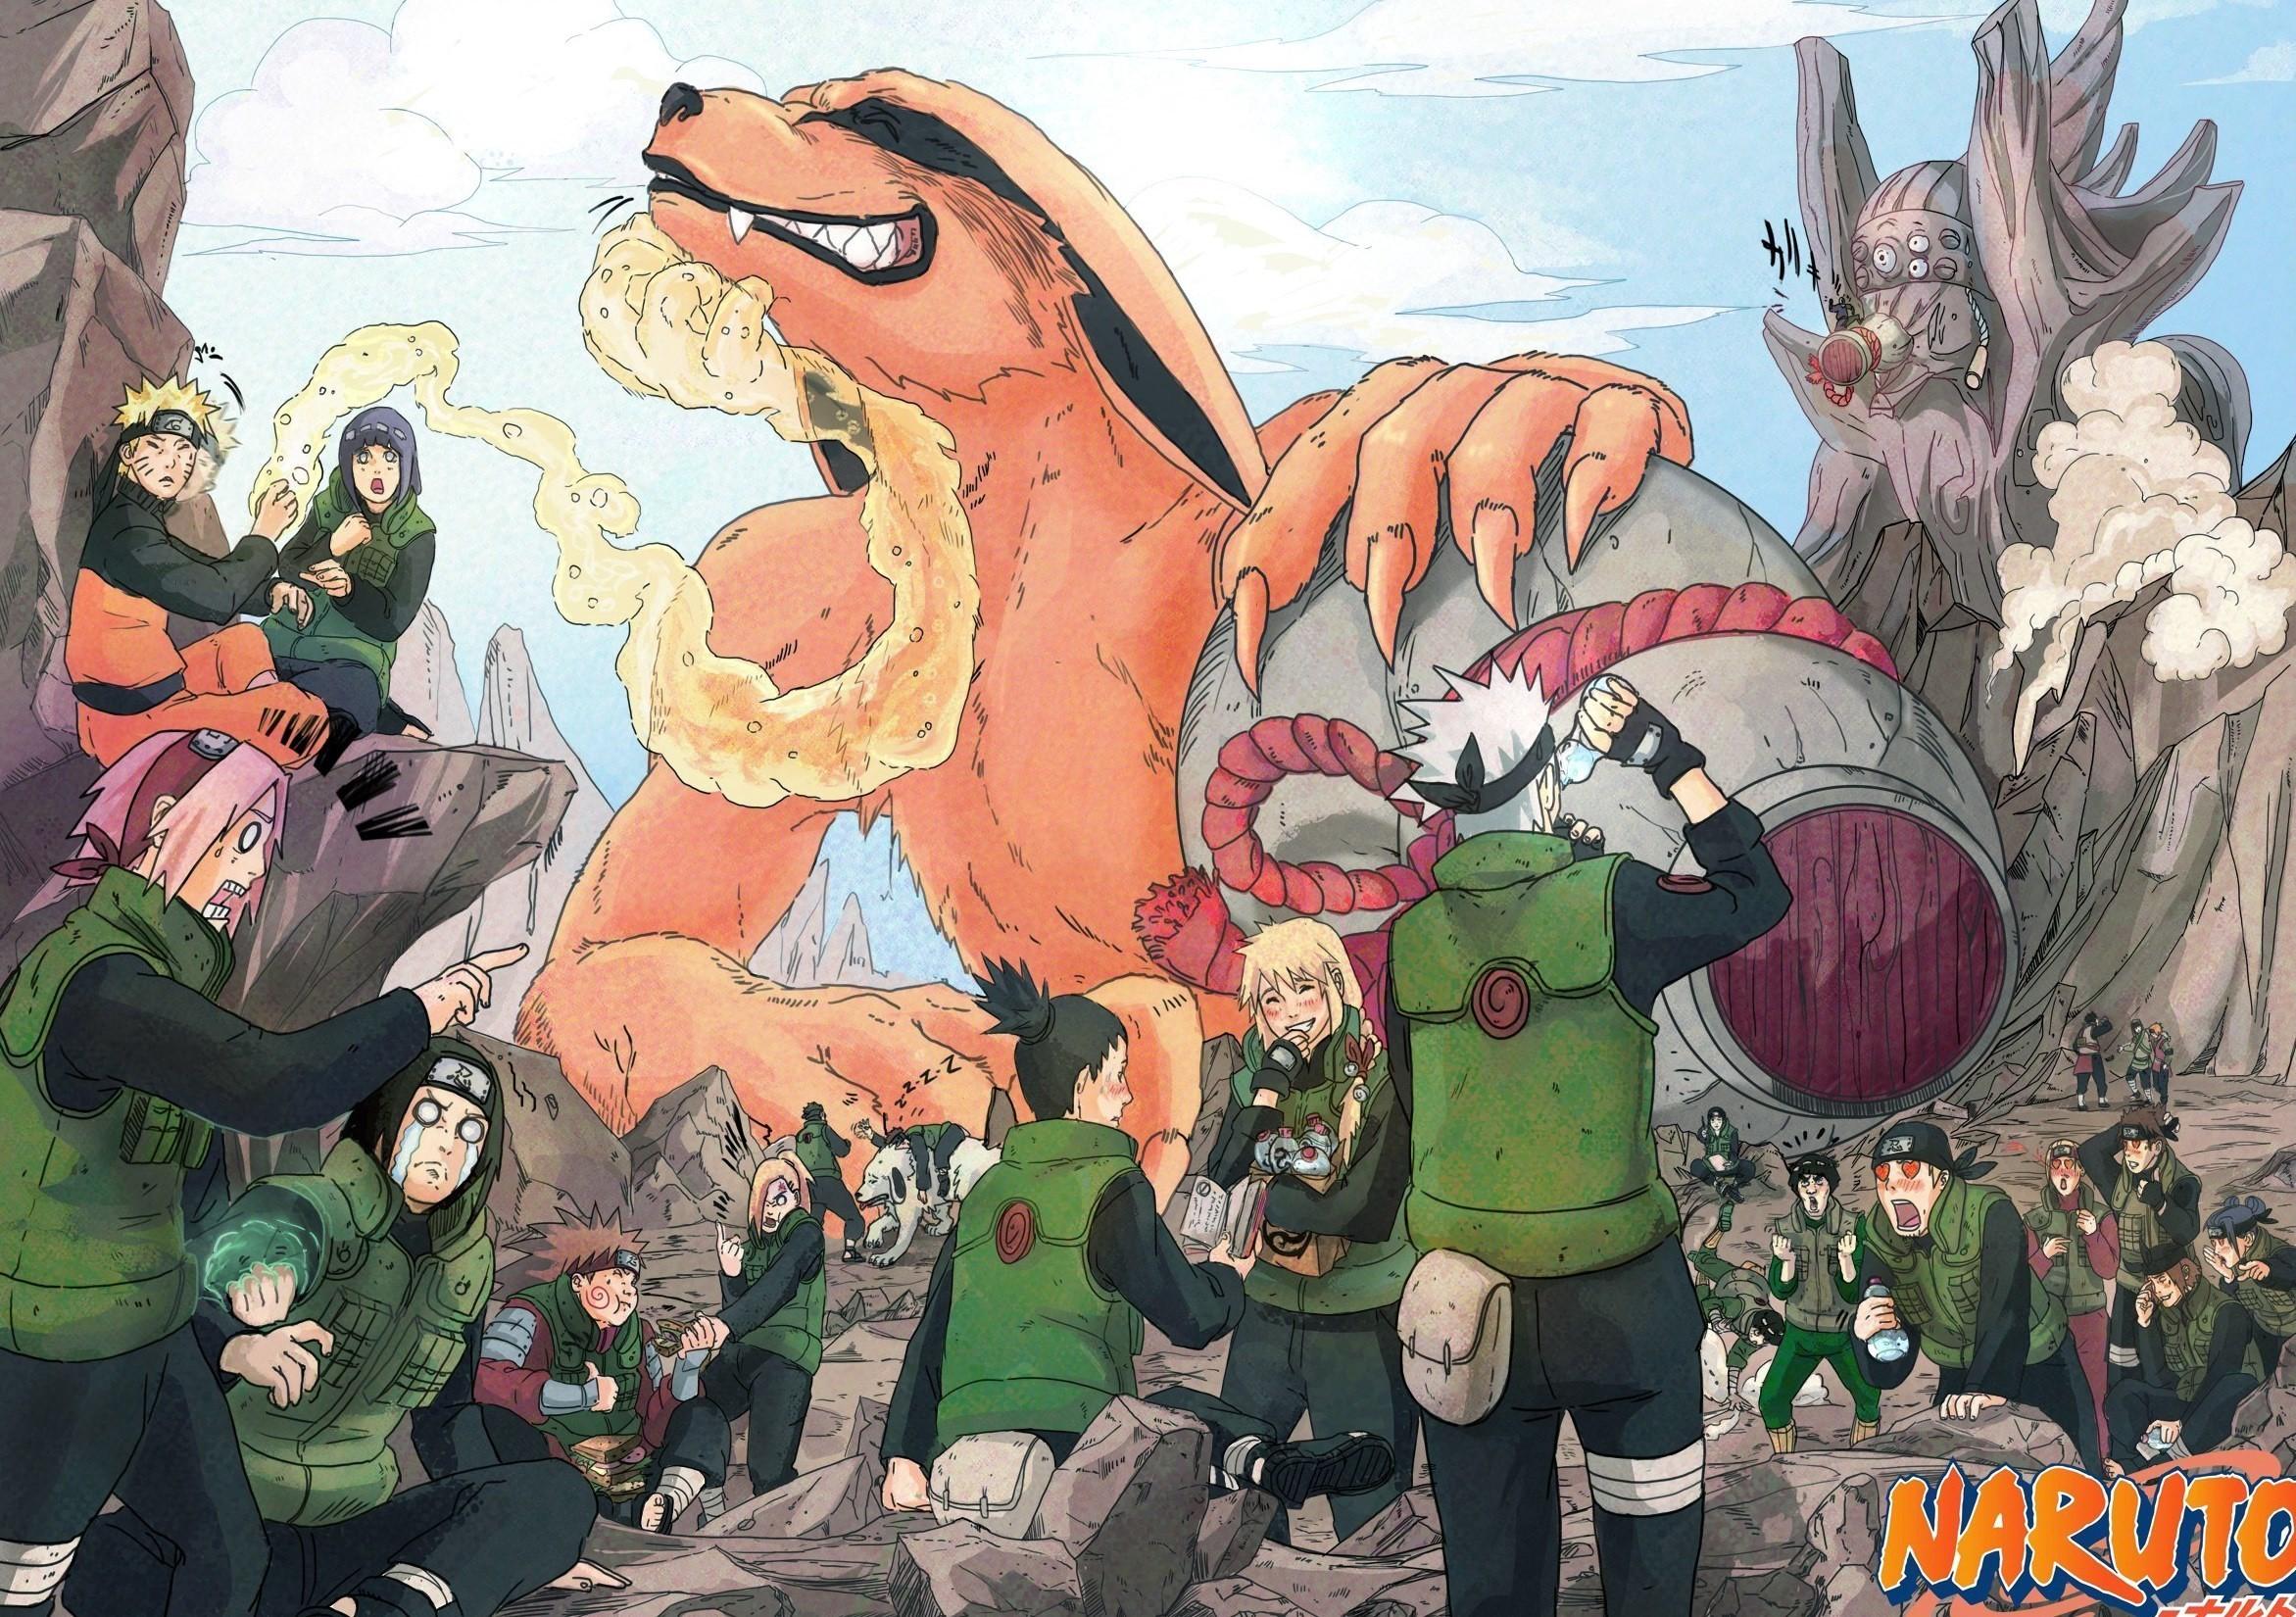 2343x1650 Anime - Naruto Kurama (Naruto) Hinata Hyūga Naruto Uzumaki Sakura Haruno